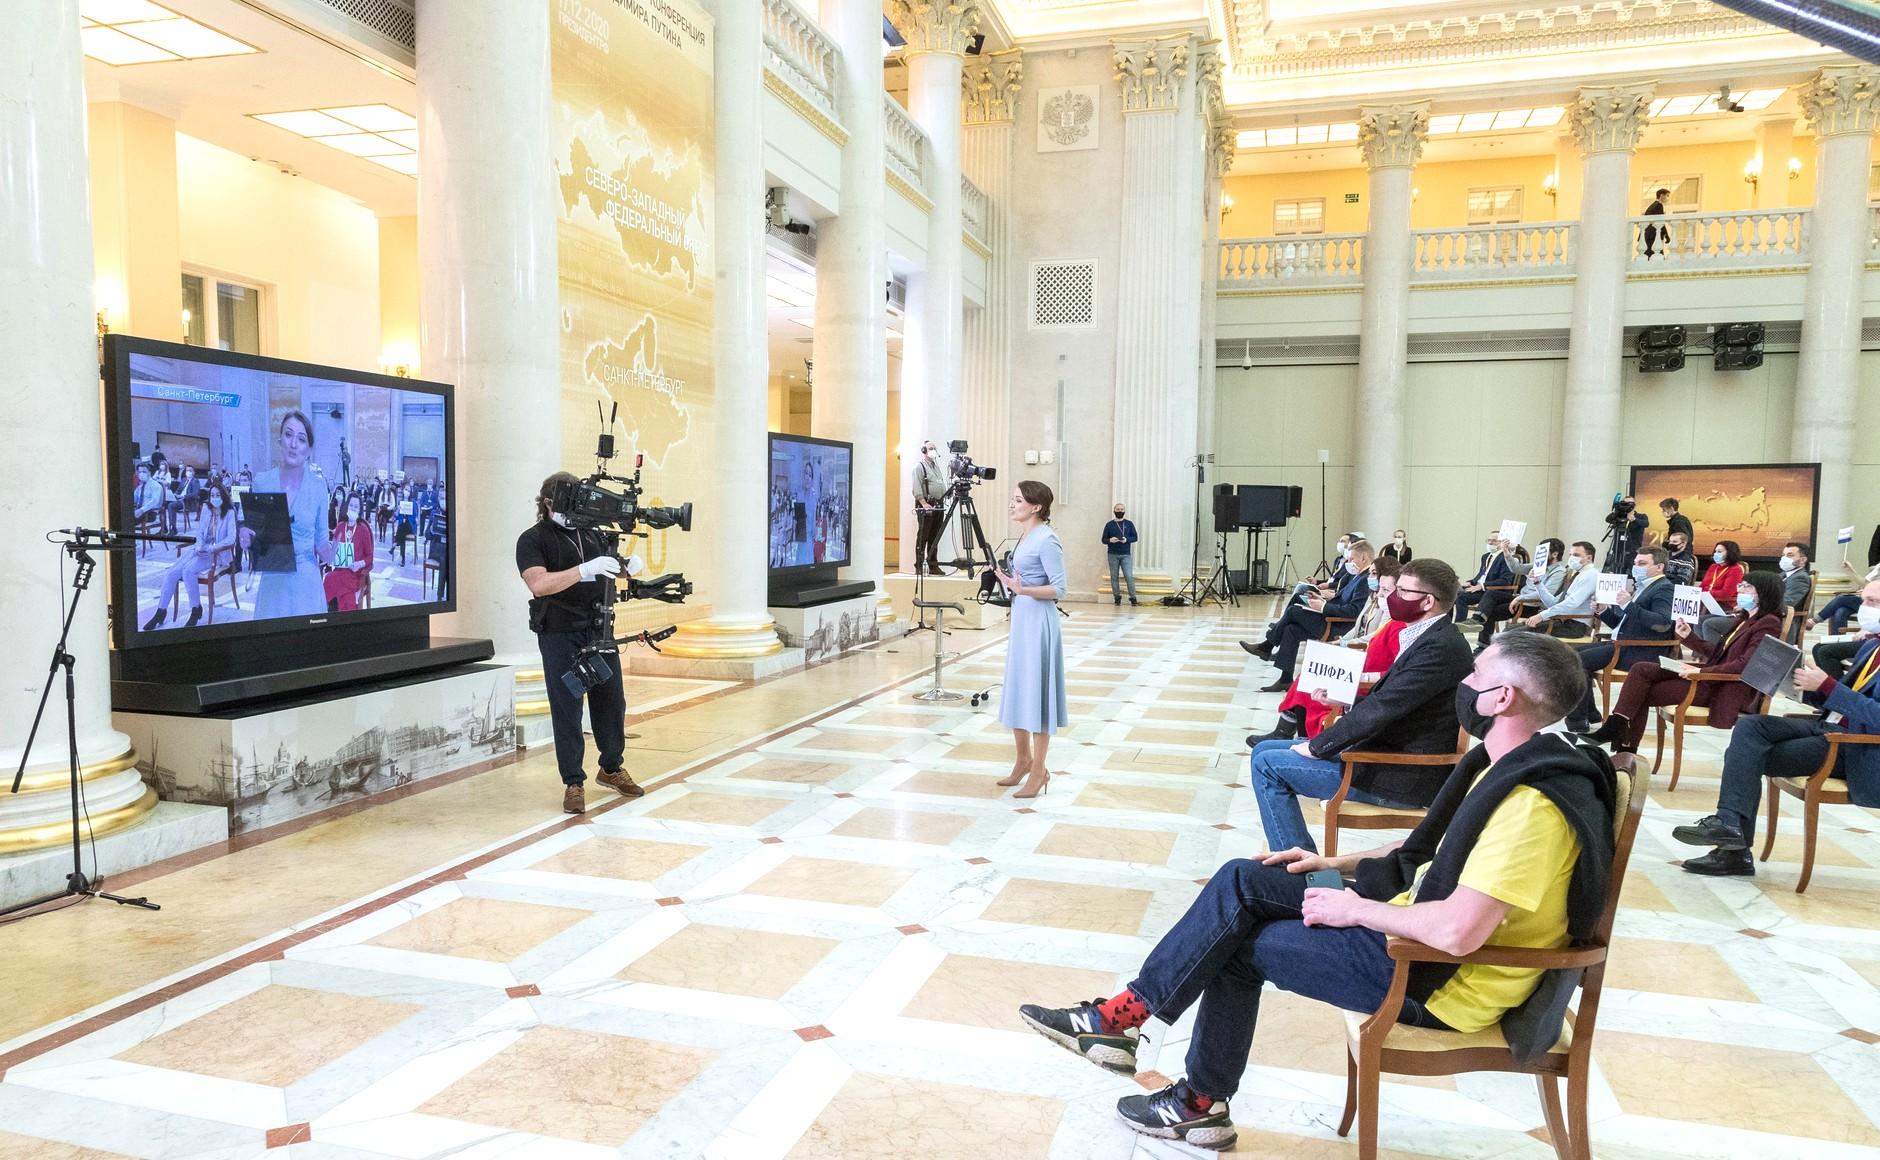 RUSSIE 17.12.2020.CONFERENCE 8 XX 66 Avant le début de la conférence de presse annuelle de Vladimir Poutine.